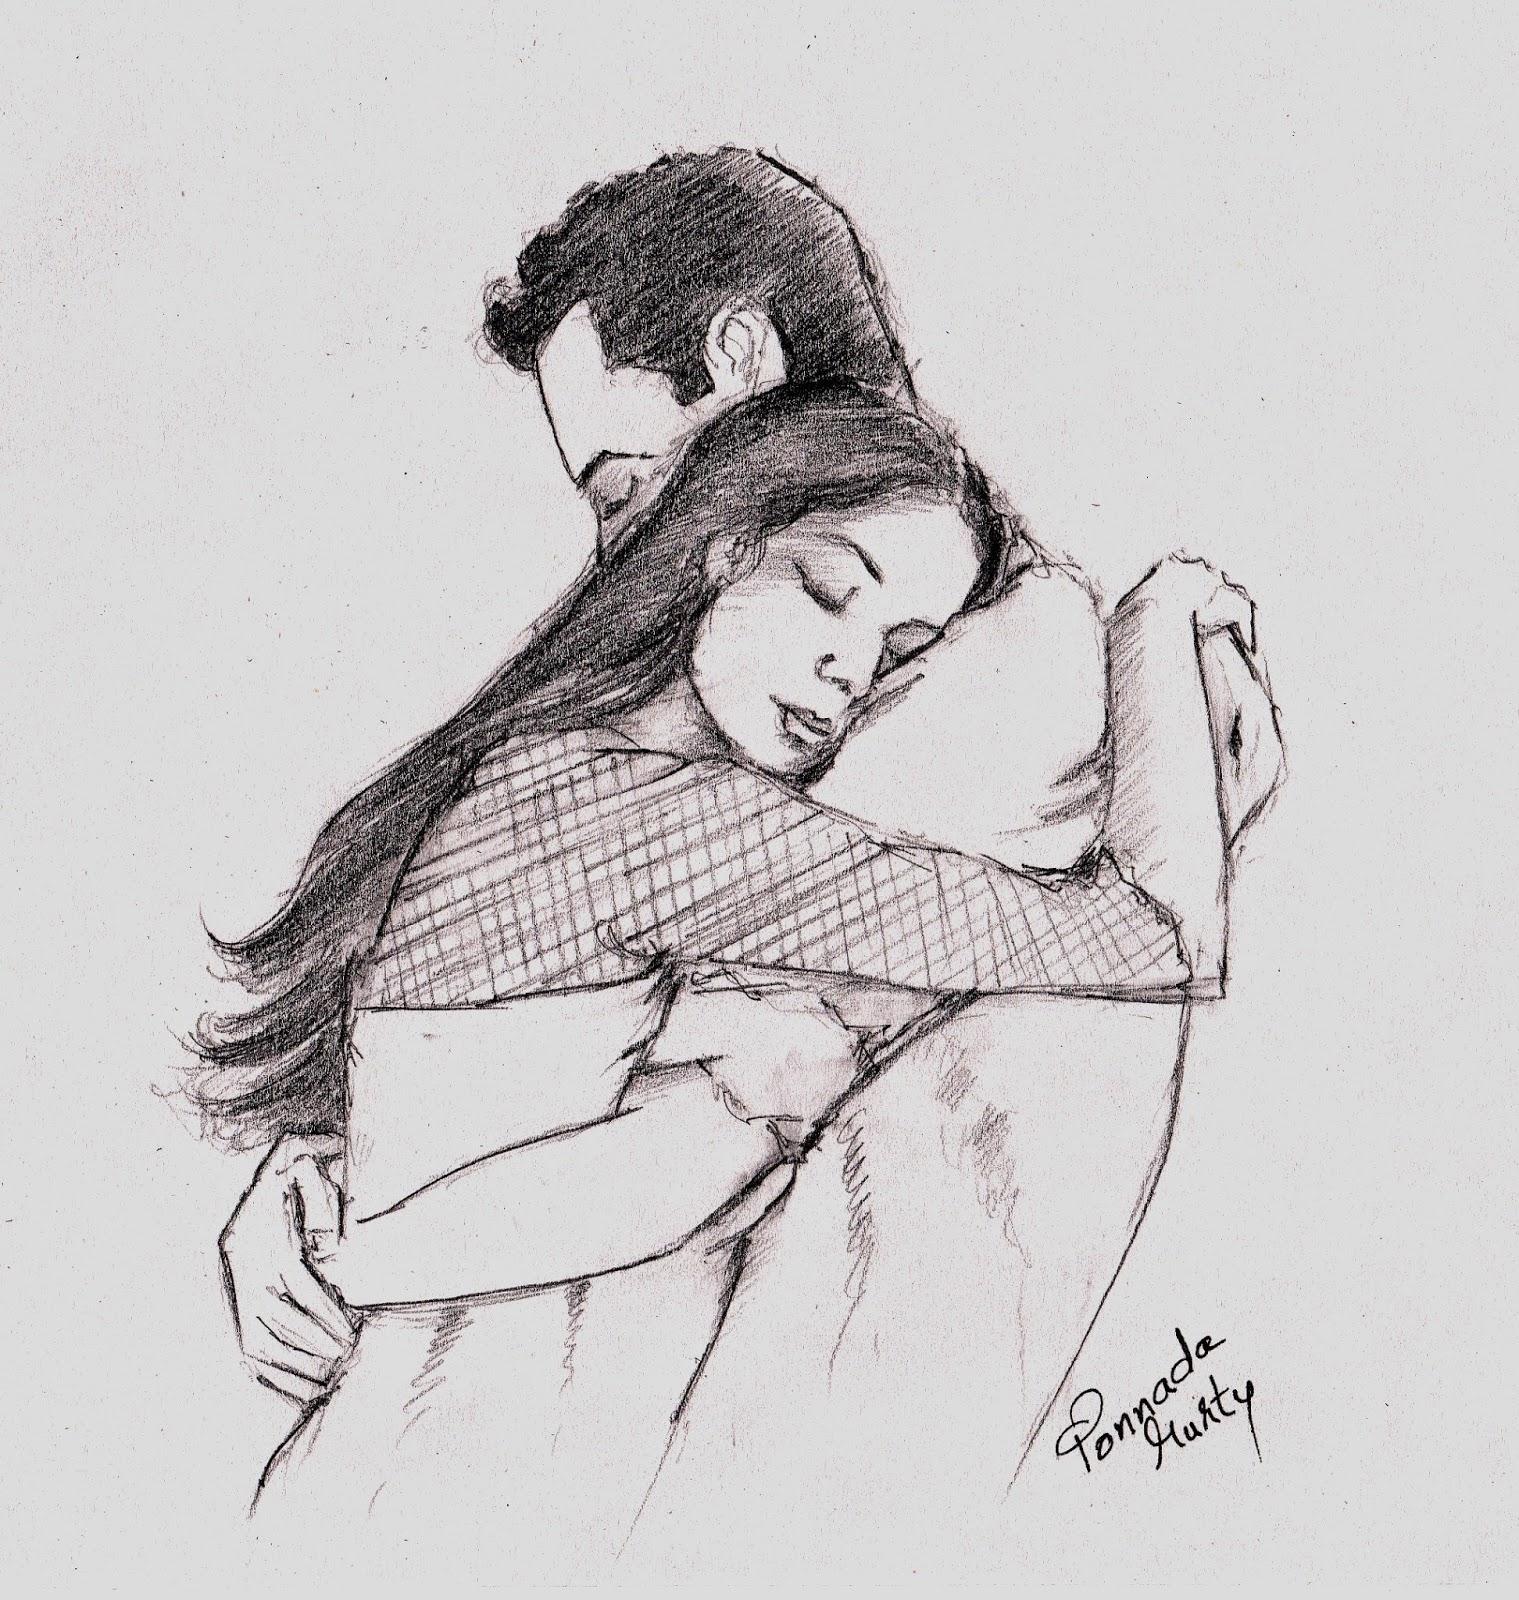 The hug my pencil sketch